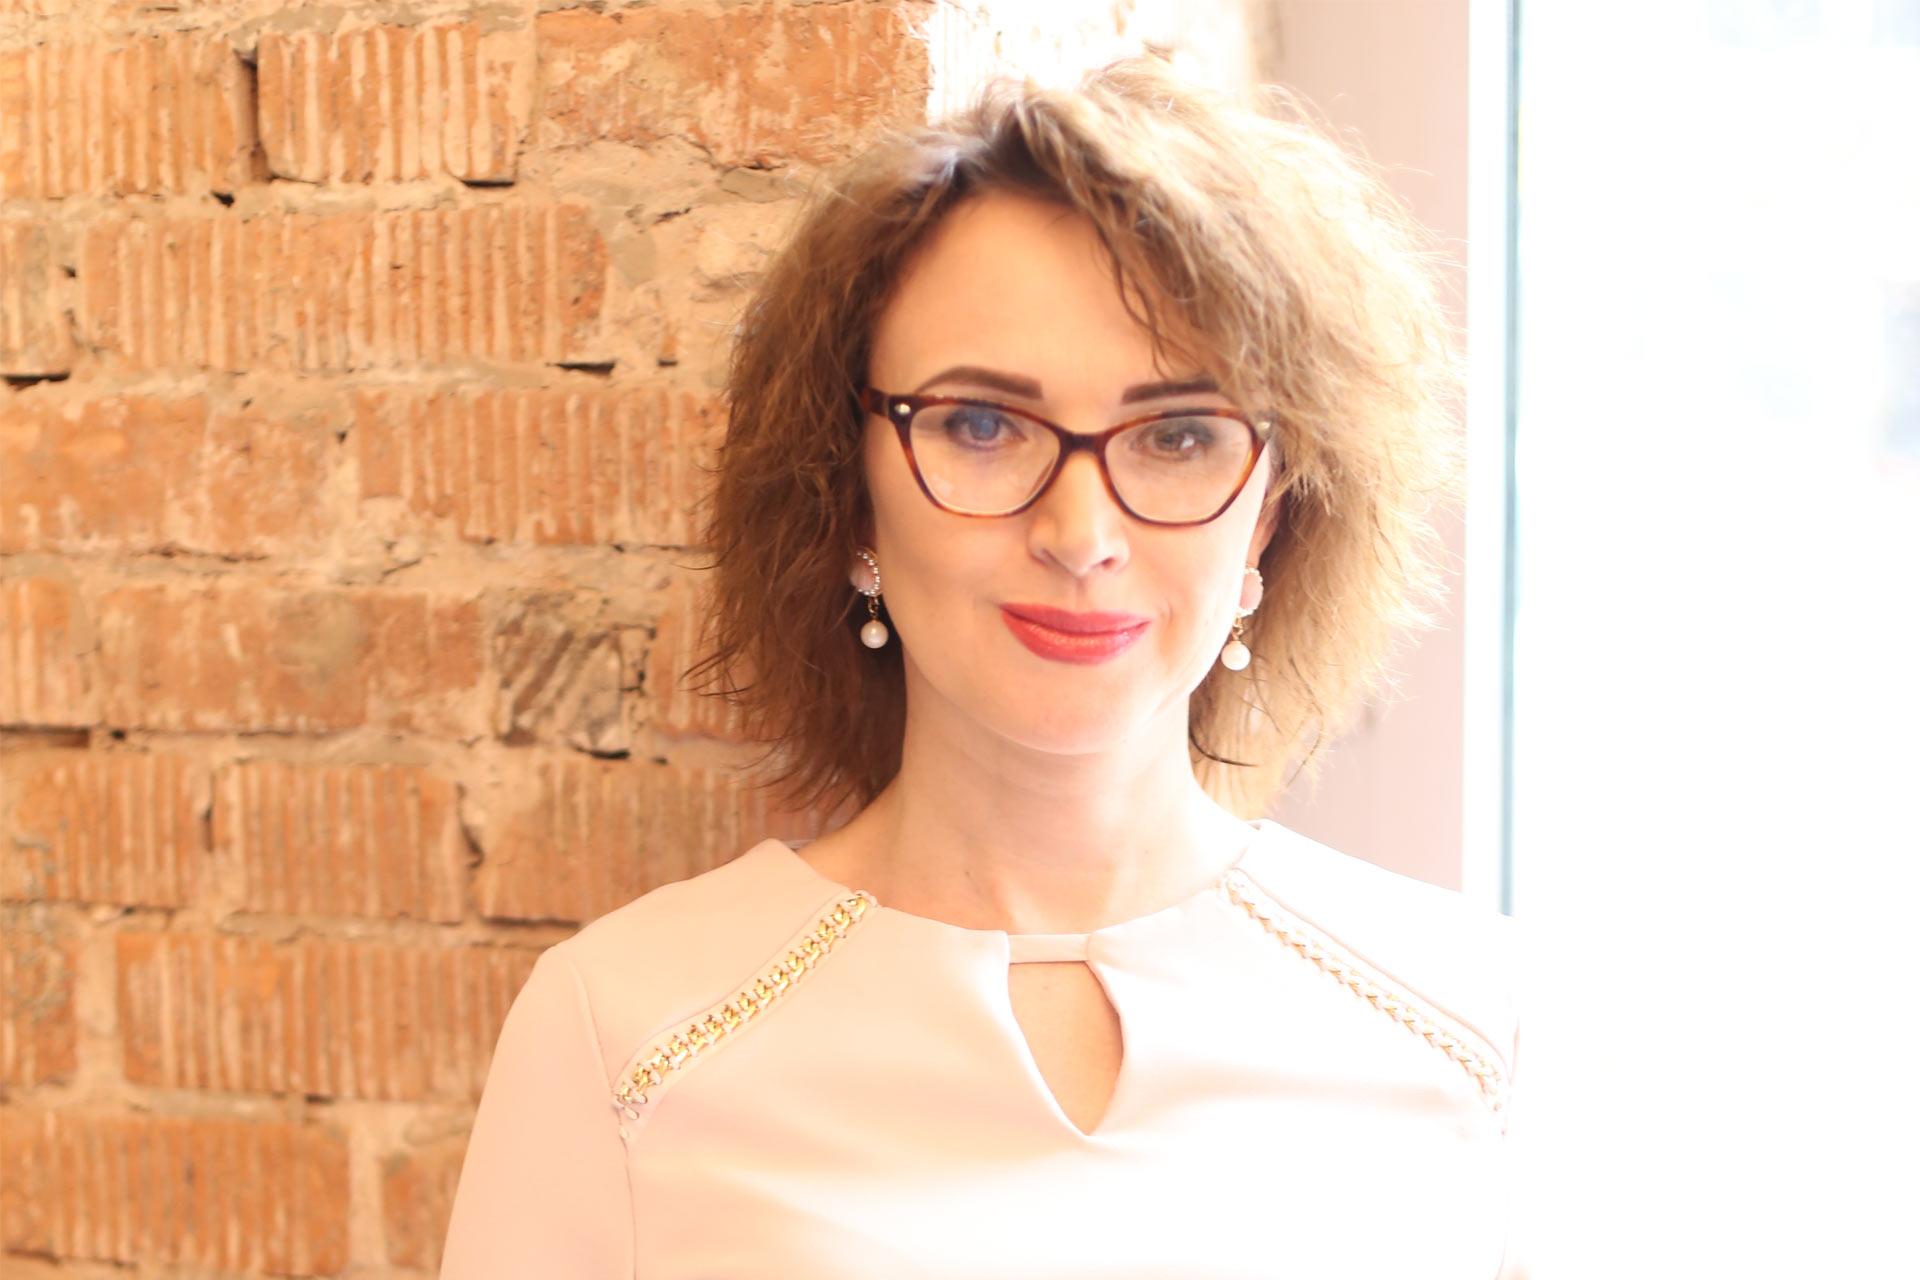 Светлана Старостина. Персональный коучинг для успешных женщин-предпринимателей